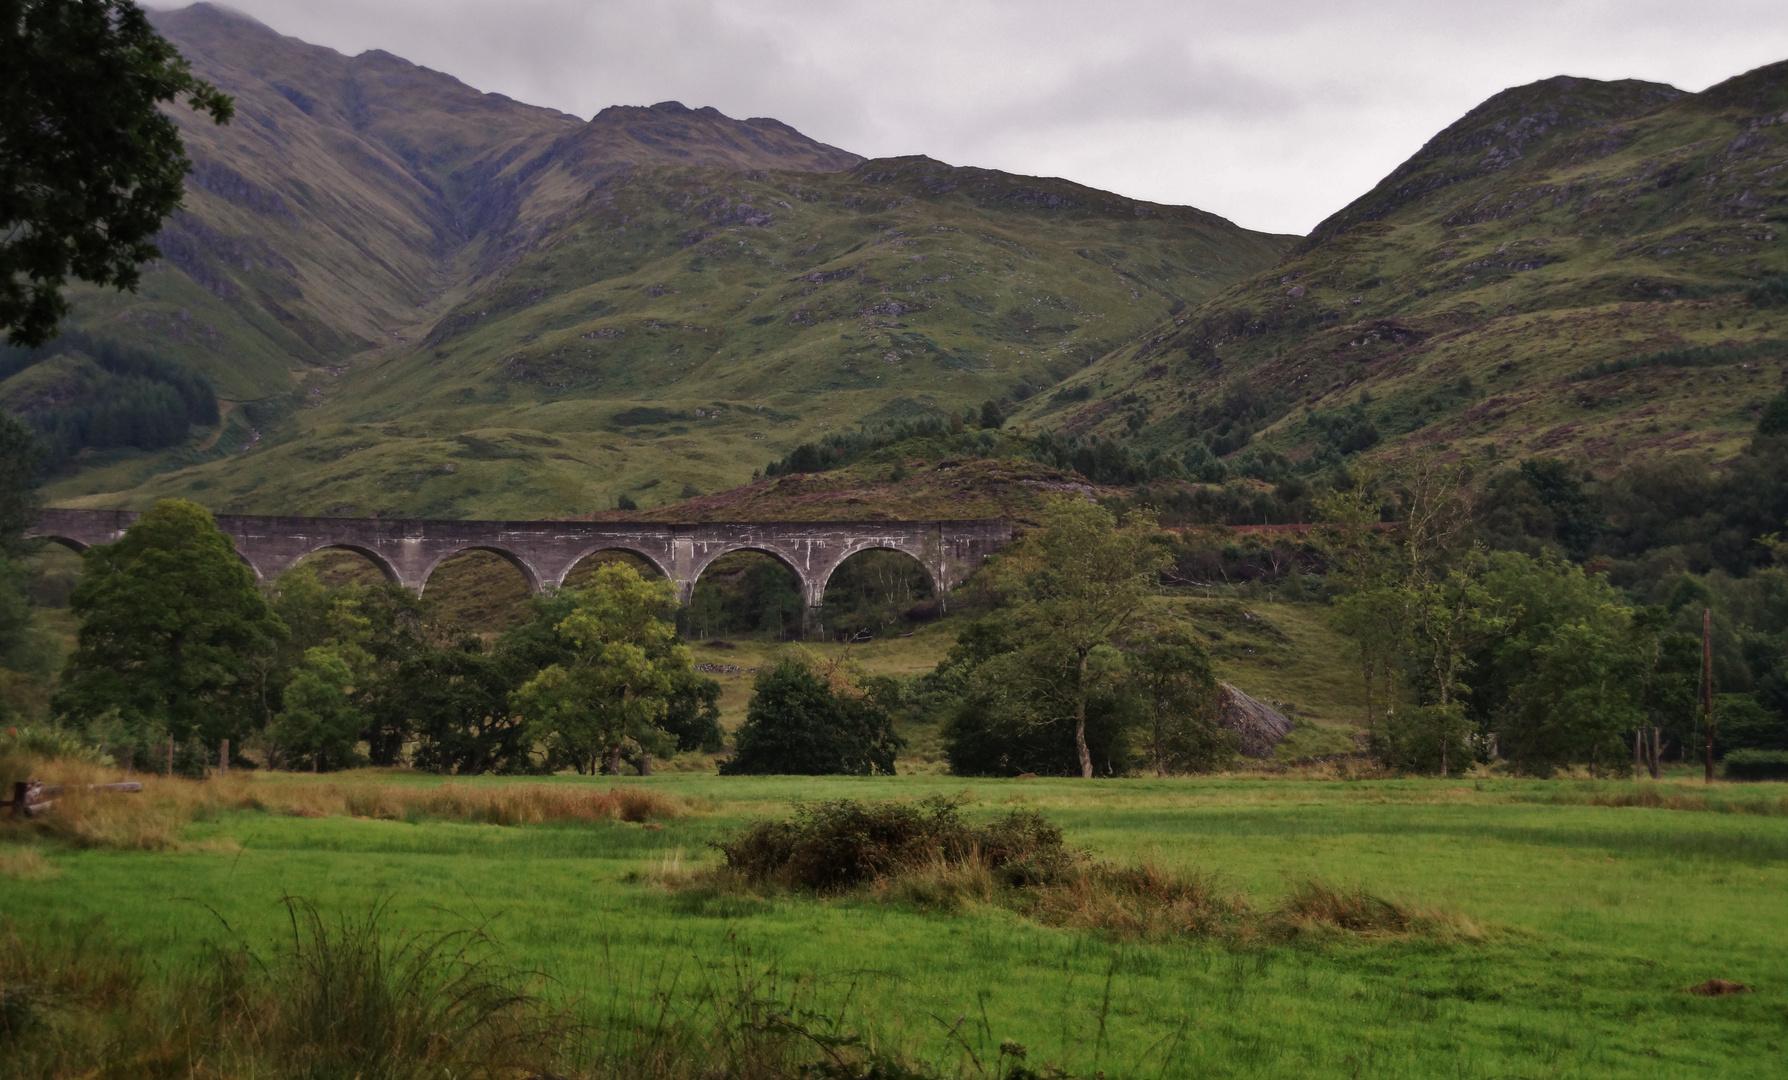 Harrys Bridge